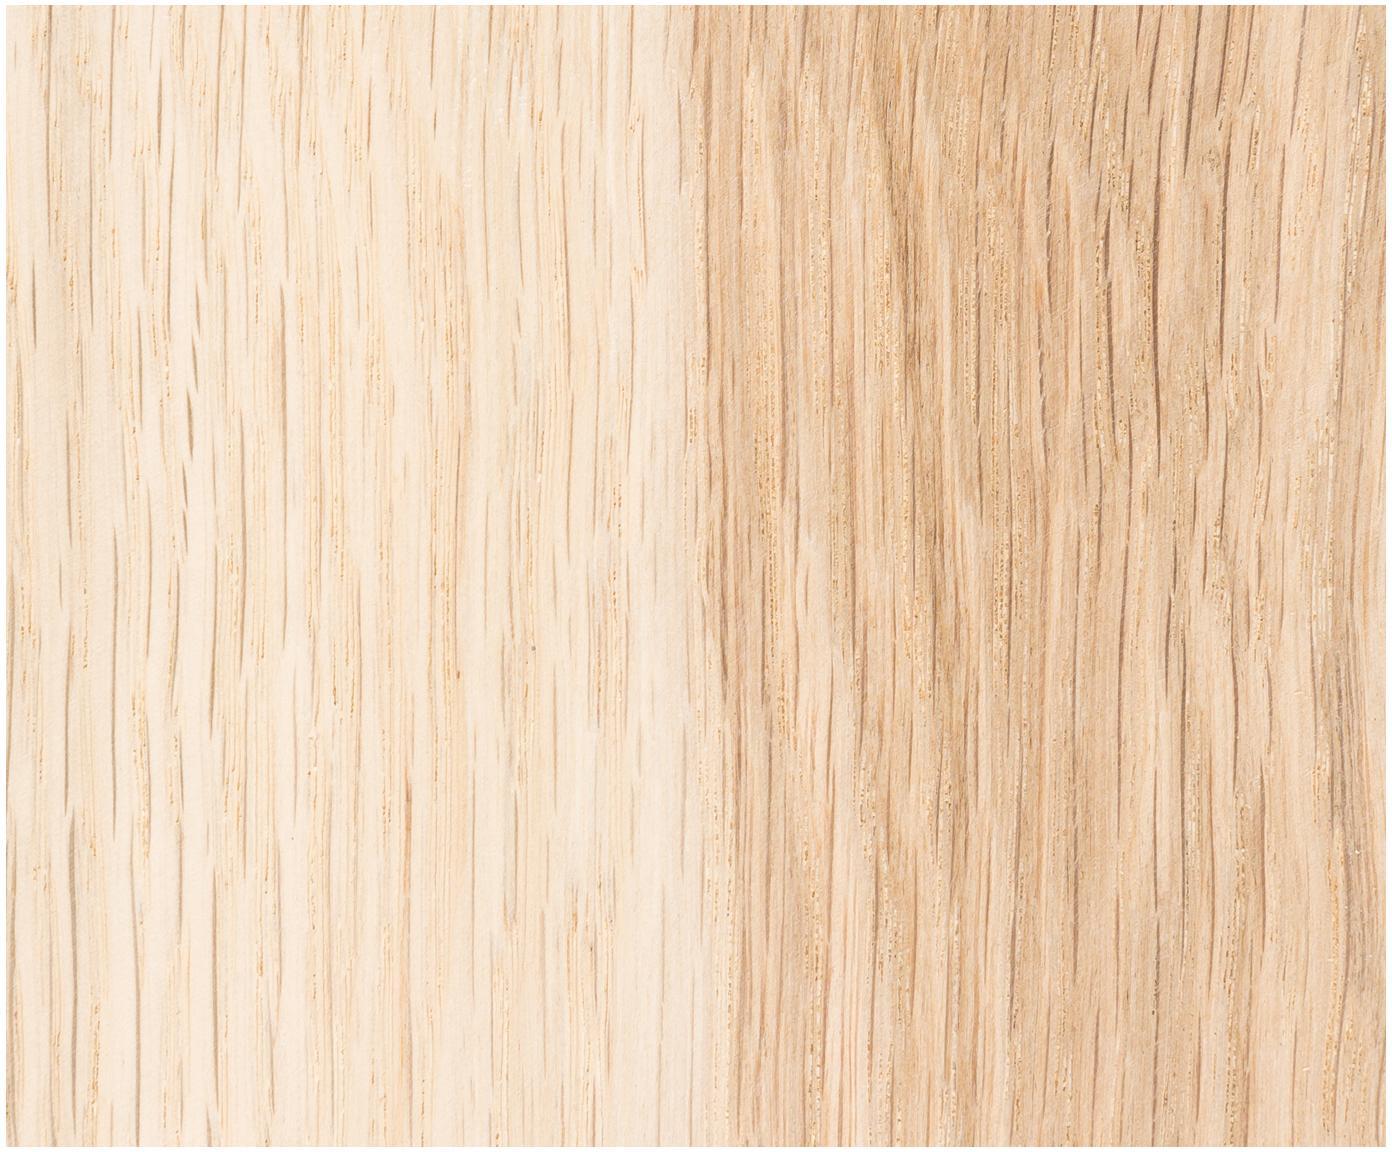 Kruk Block, Eikenhout, Eikenhoutkleurig, 29 x 40 cm